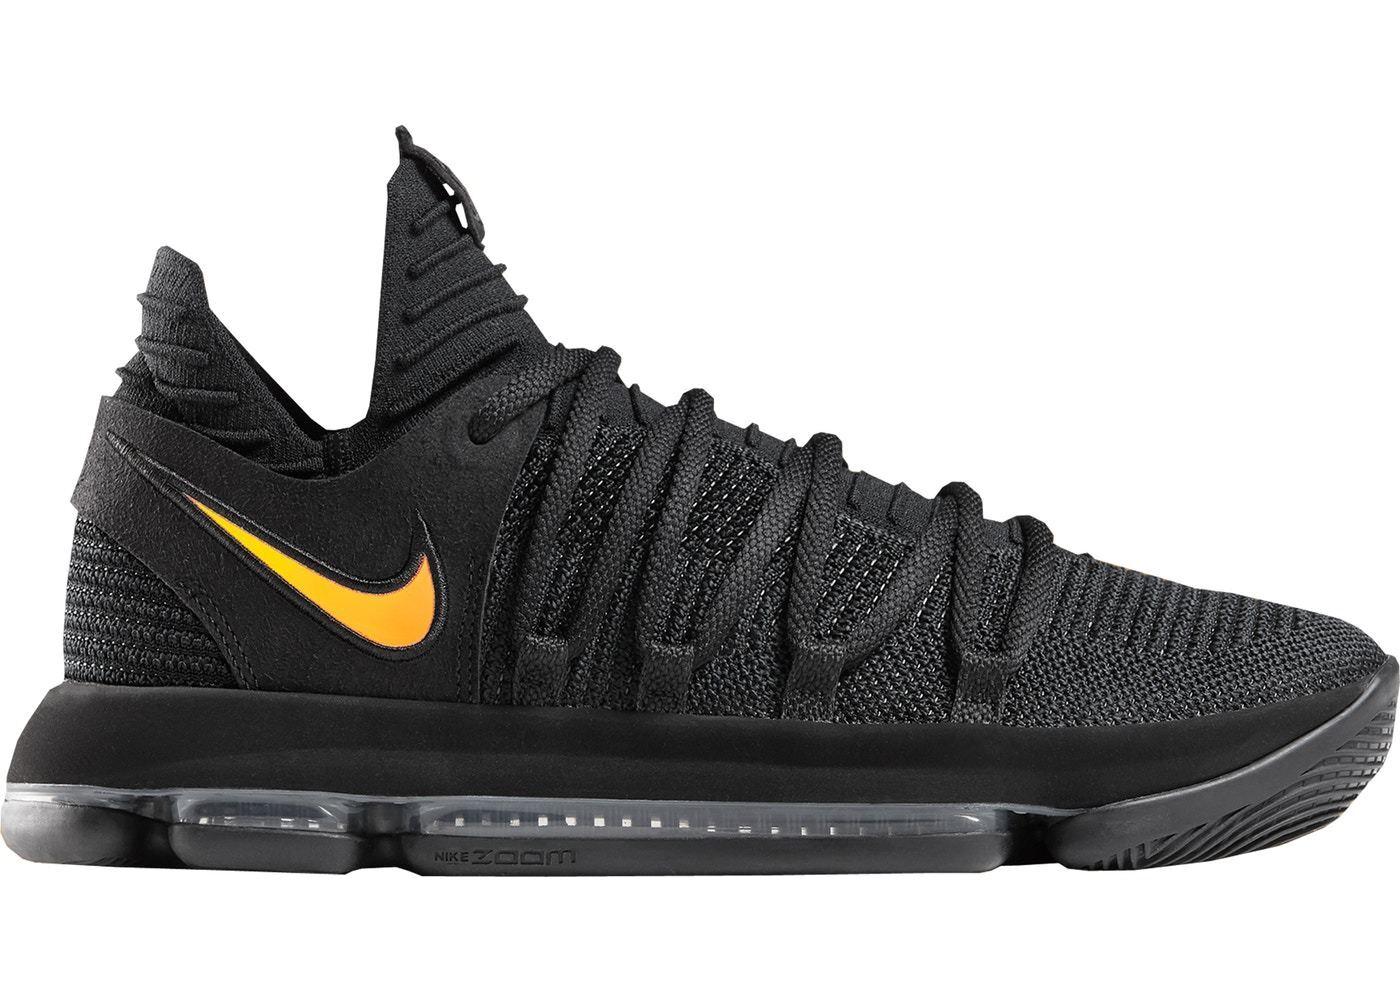 Nike KD 10 PK80 Black gold Phil Knight 80 Size 15. Jordan Kobe